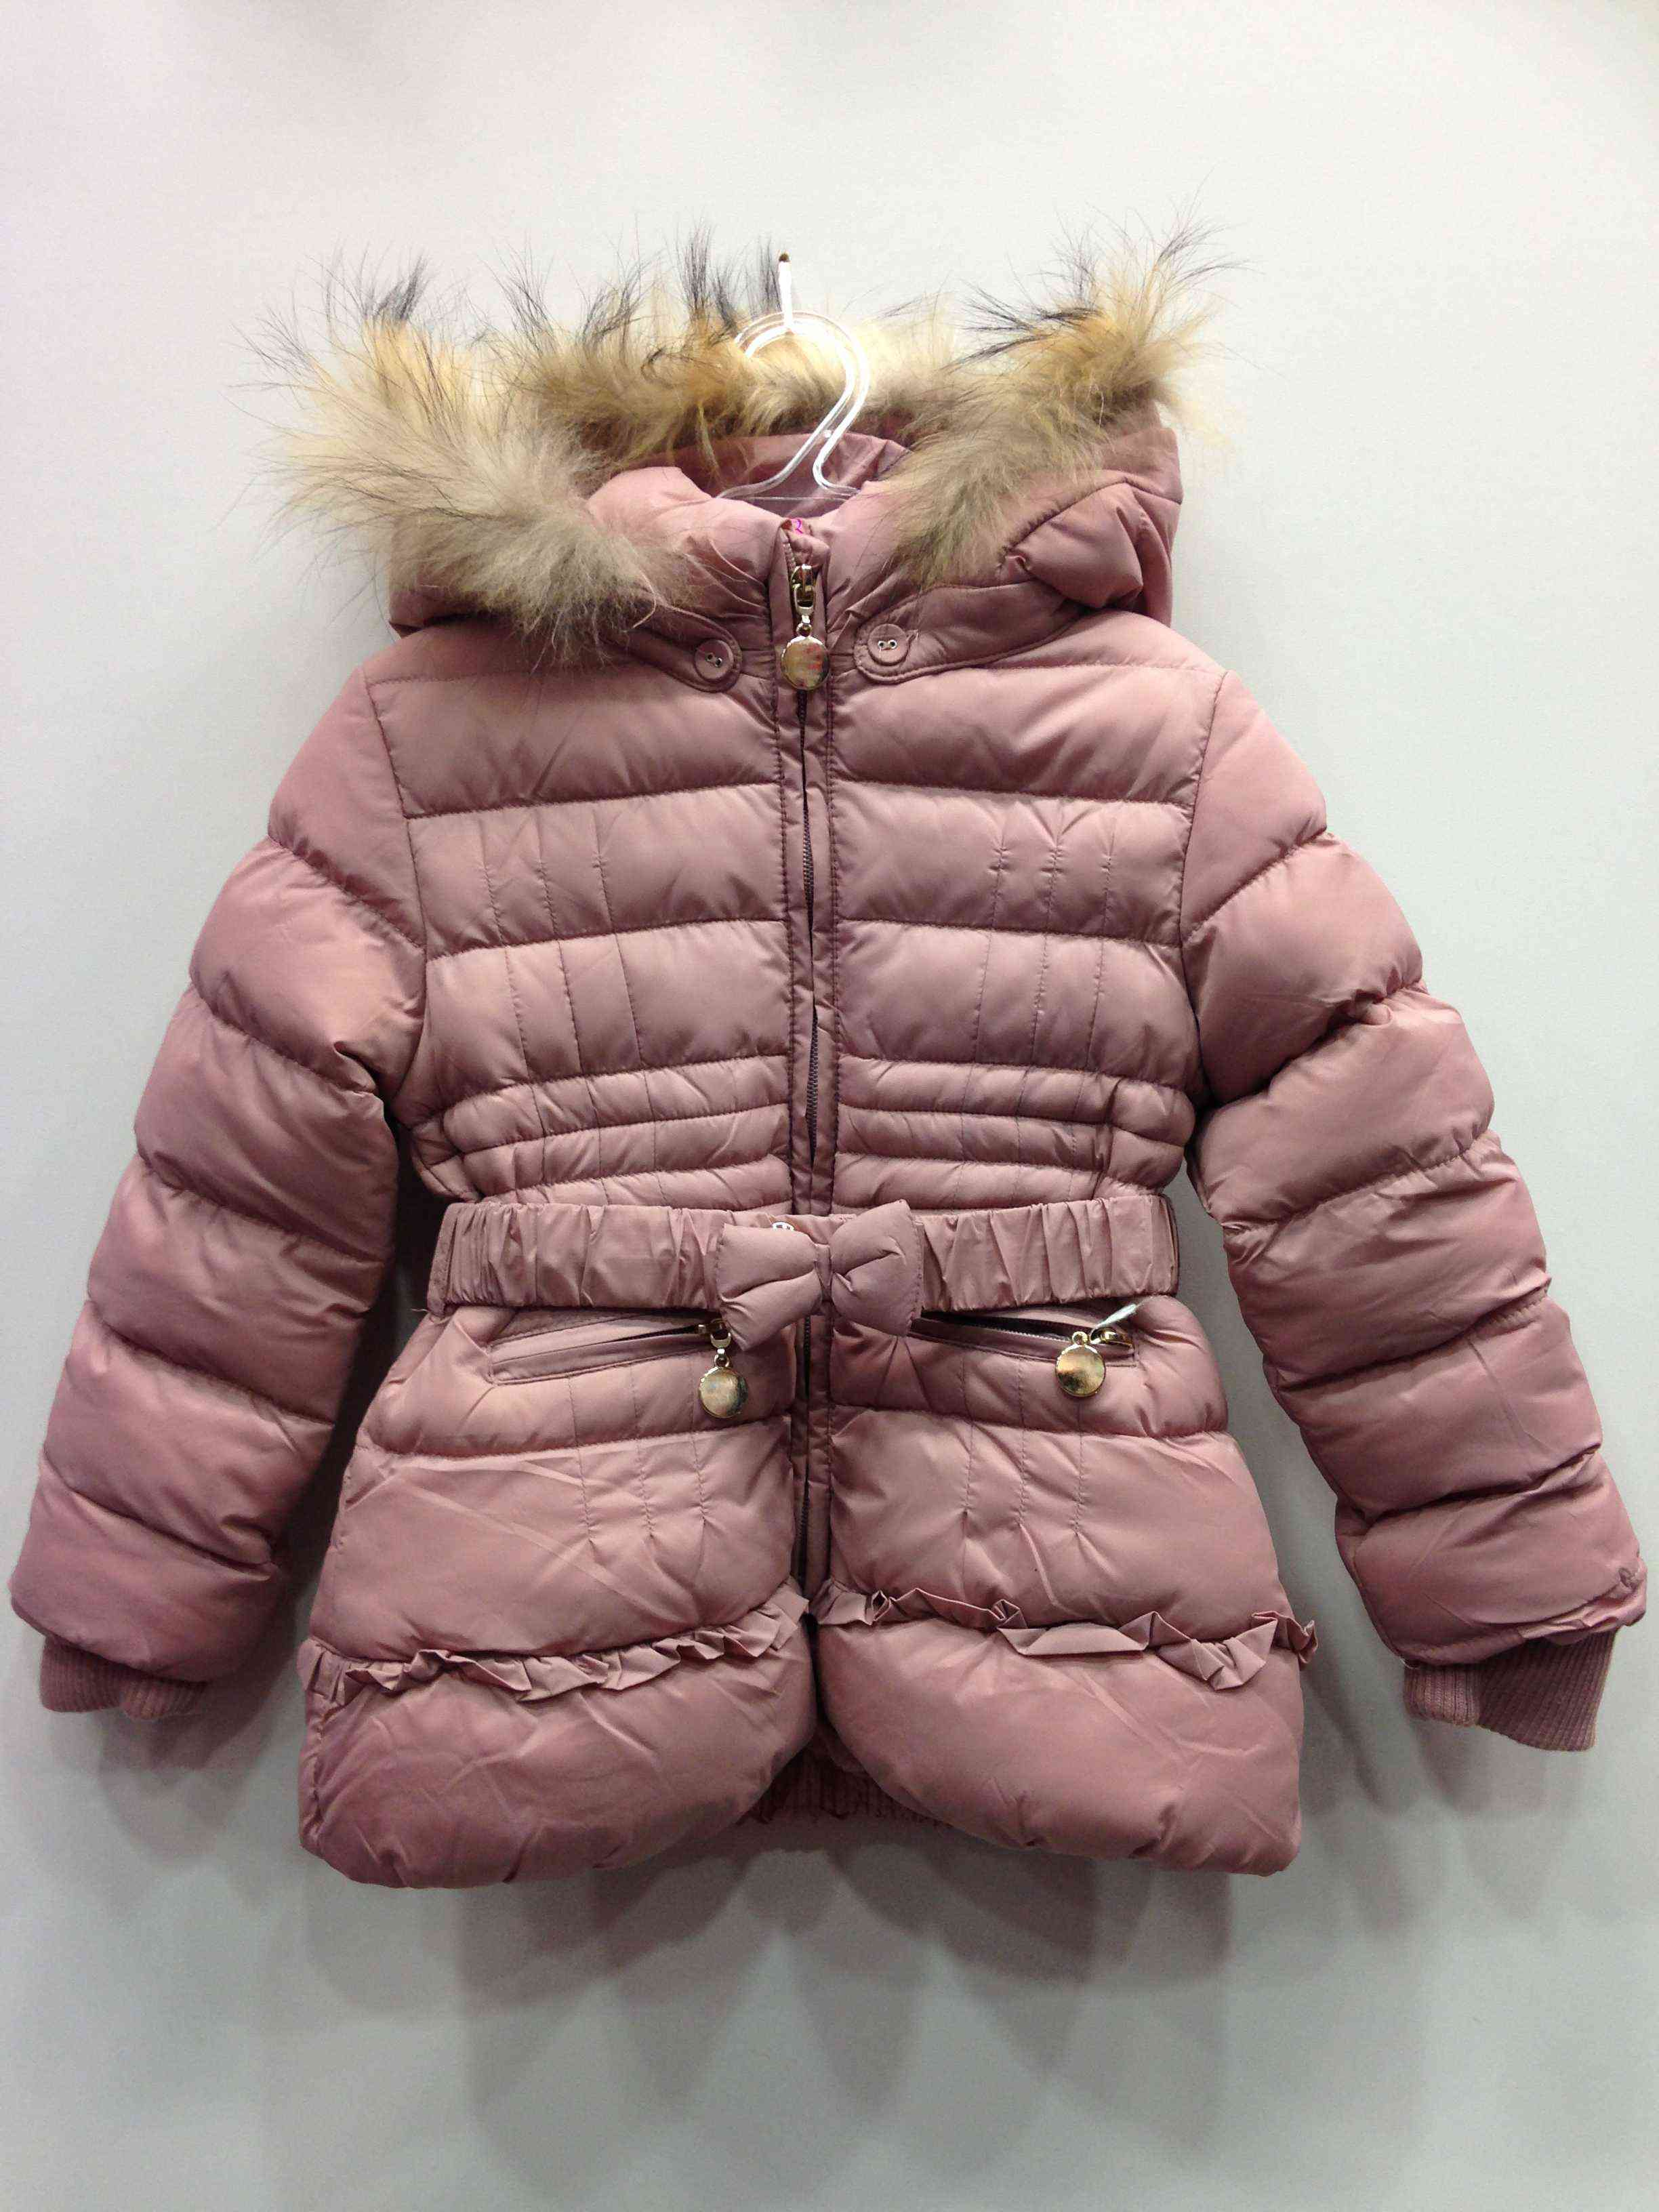 6b8e80afb5d Μπουφάν ροζ με γούνα στην κουκούλα και ζώνη φιόγκος | Kids Club